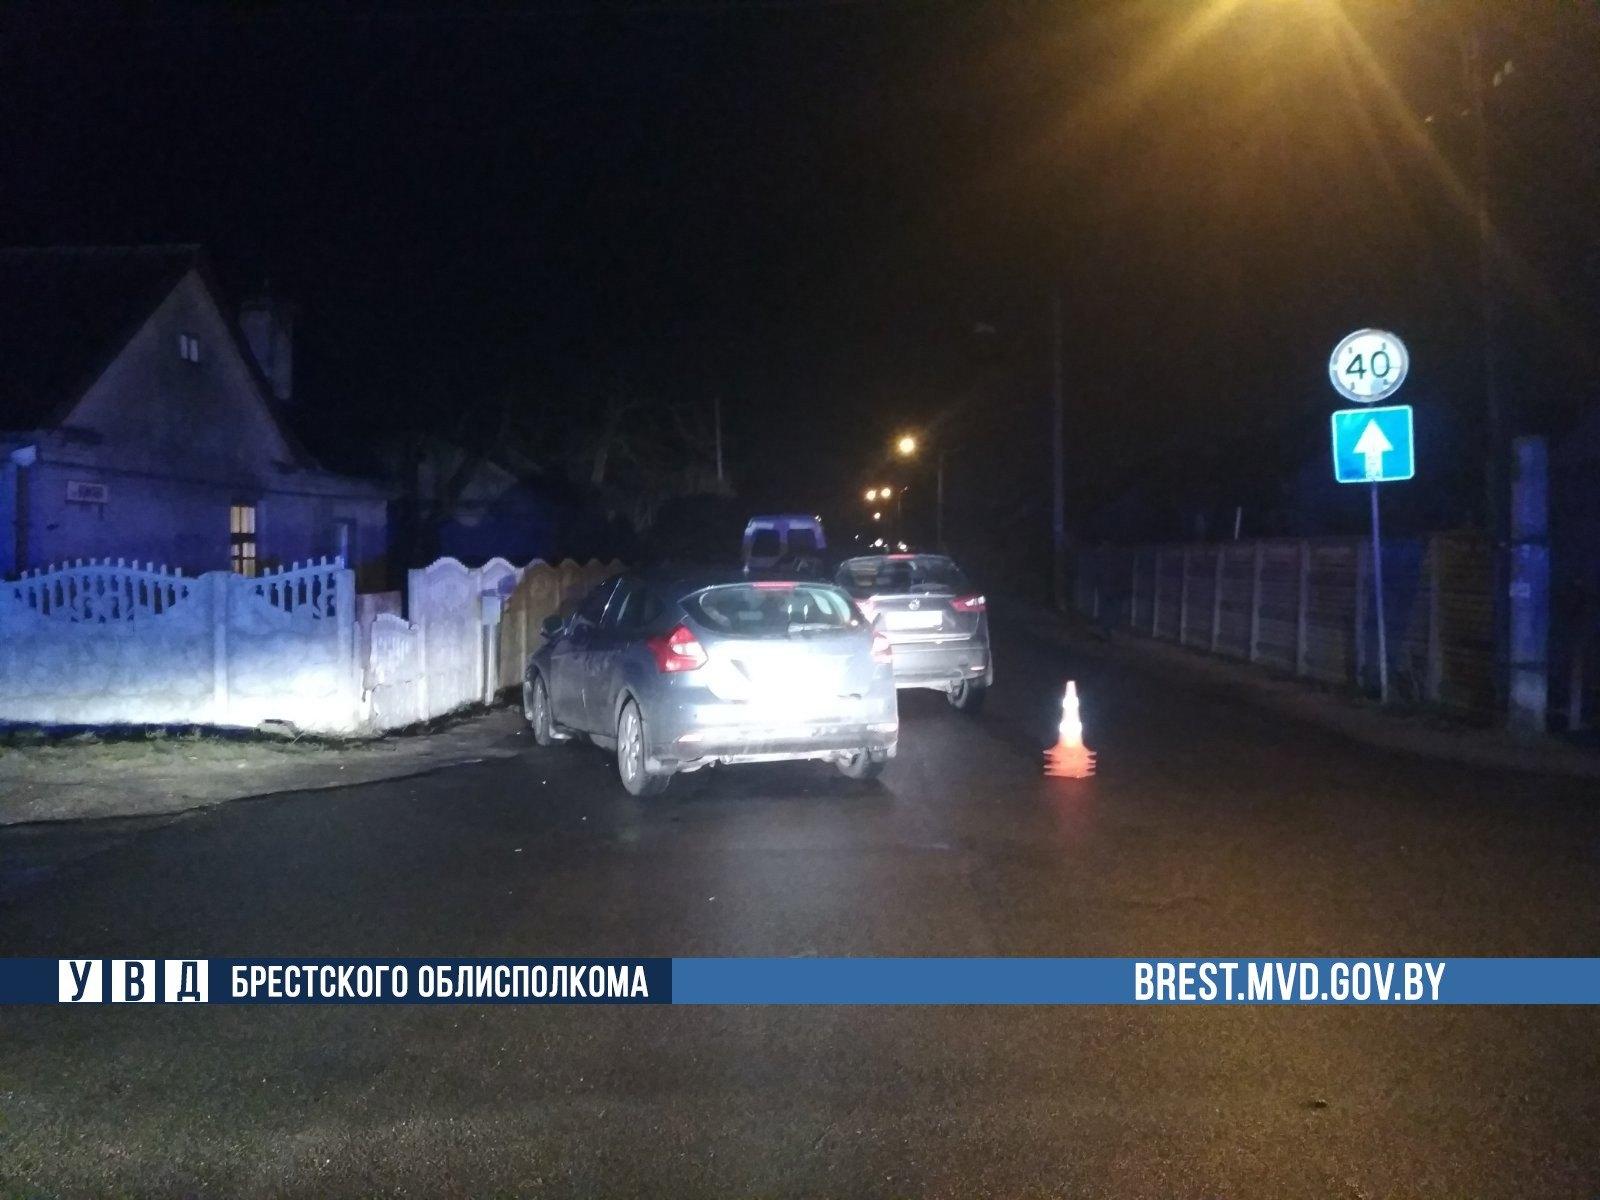 Ребенок пострадал в ДТП в Бресте